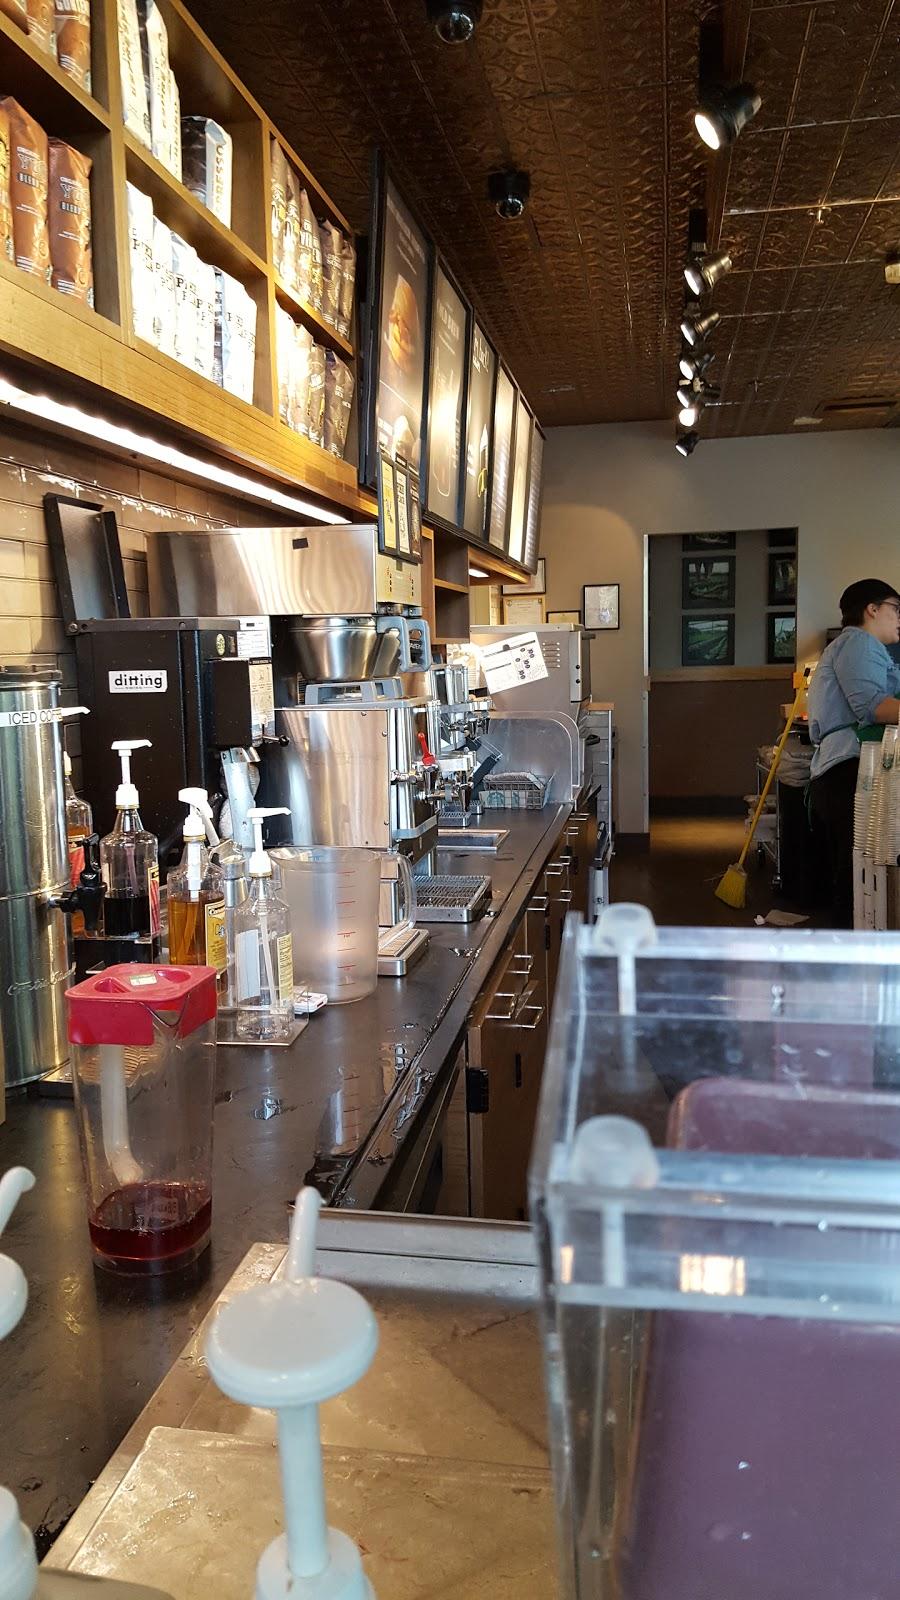 Starbucks | cafe | 901 N Nelson St #120, Arlington, VA 22203, USA | 7035276206 OR +1 703-527-6206